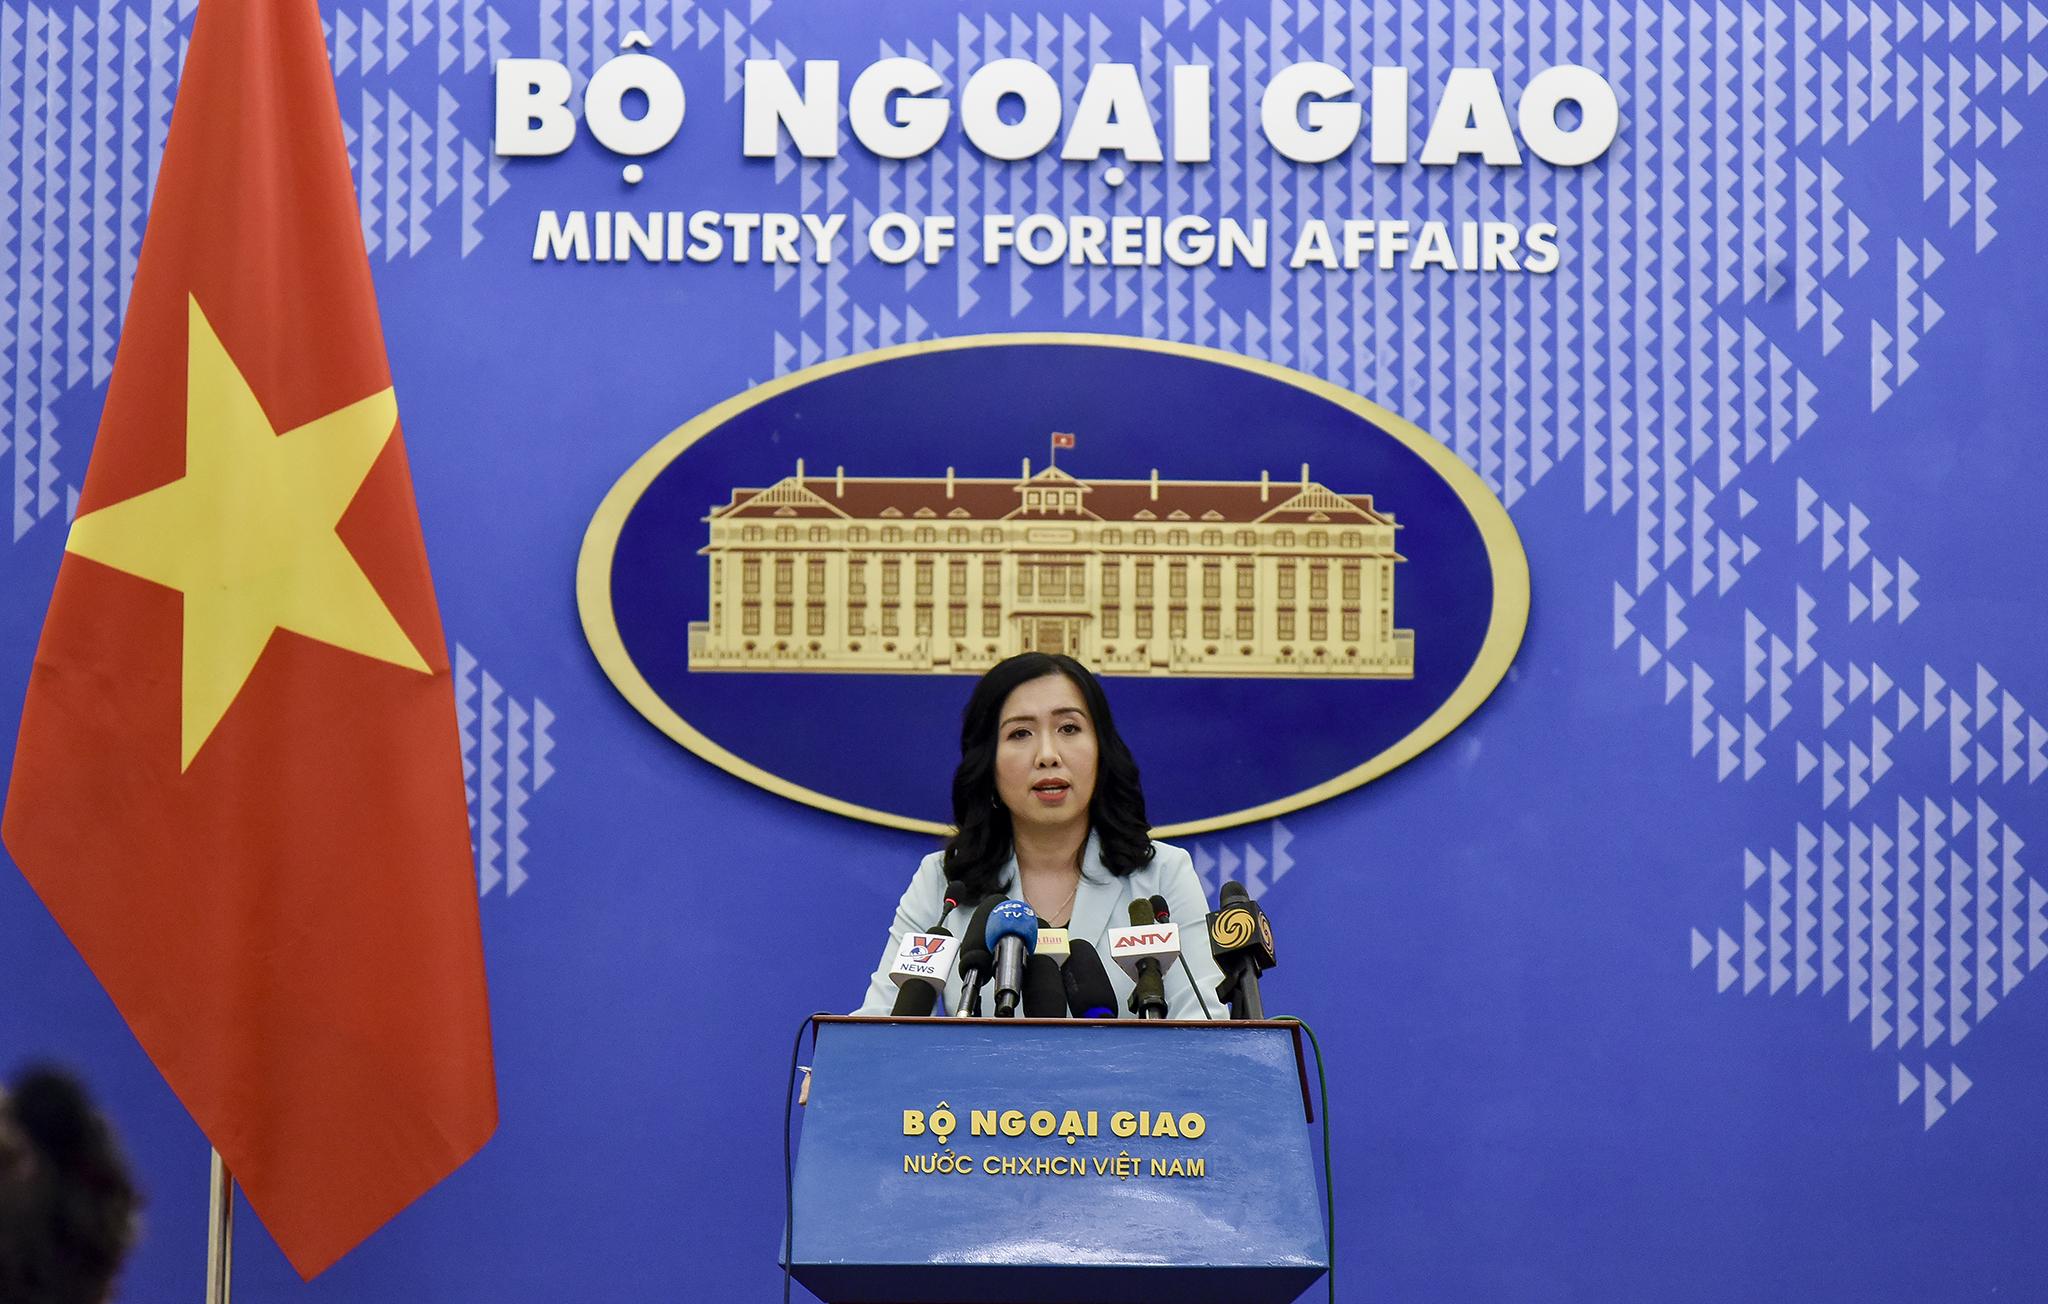 Việt Nam kiên quyết đấu tranh bảo vệ chủ quyền các vùng biển của mình ở Biển Đông